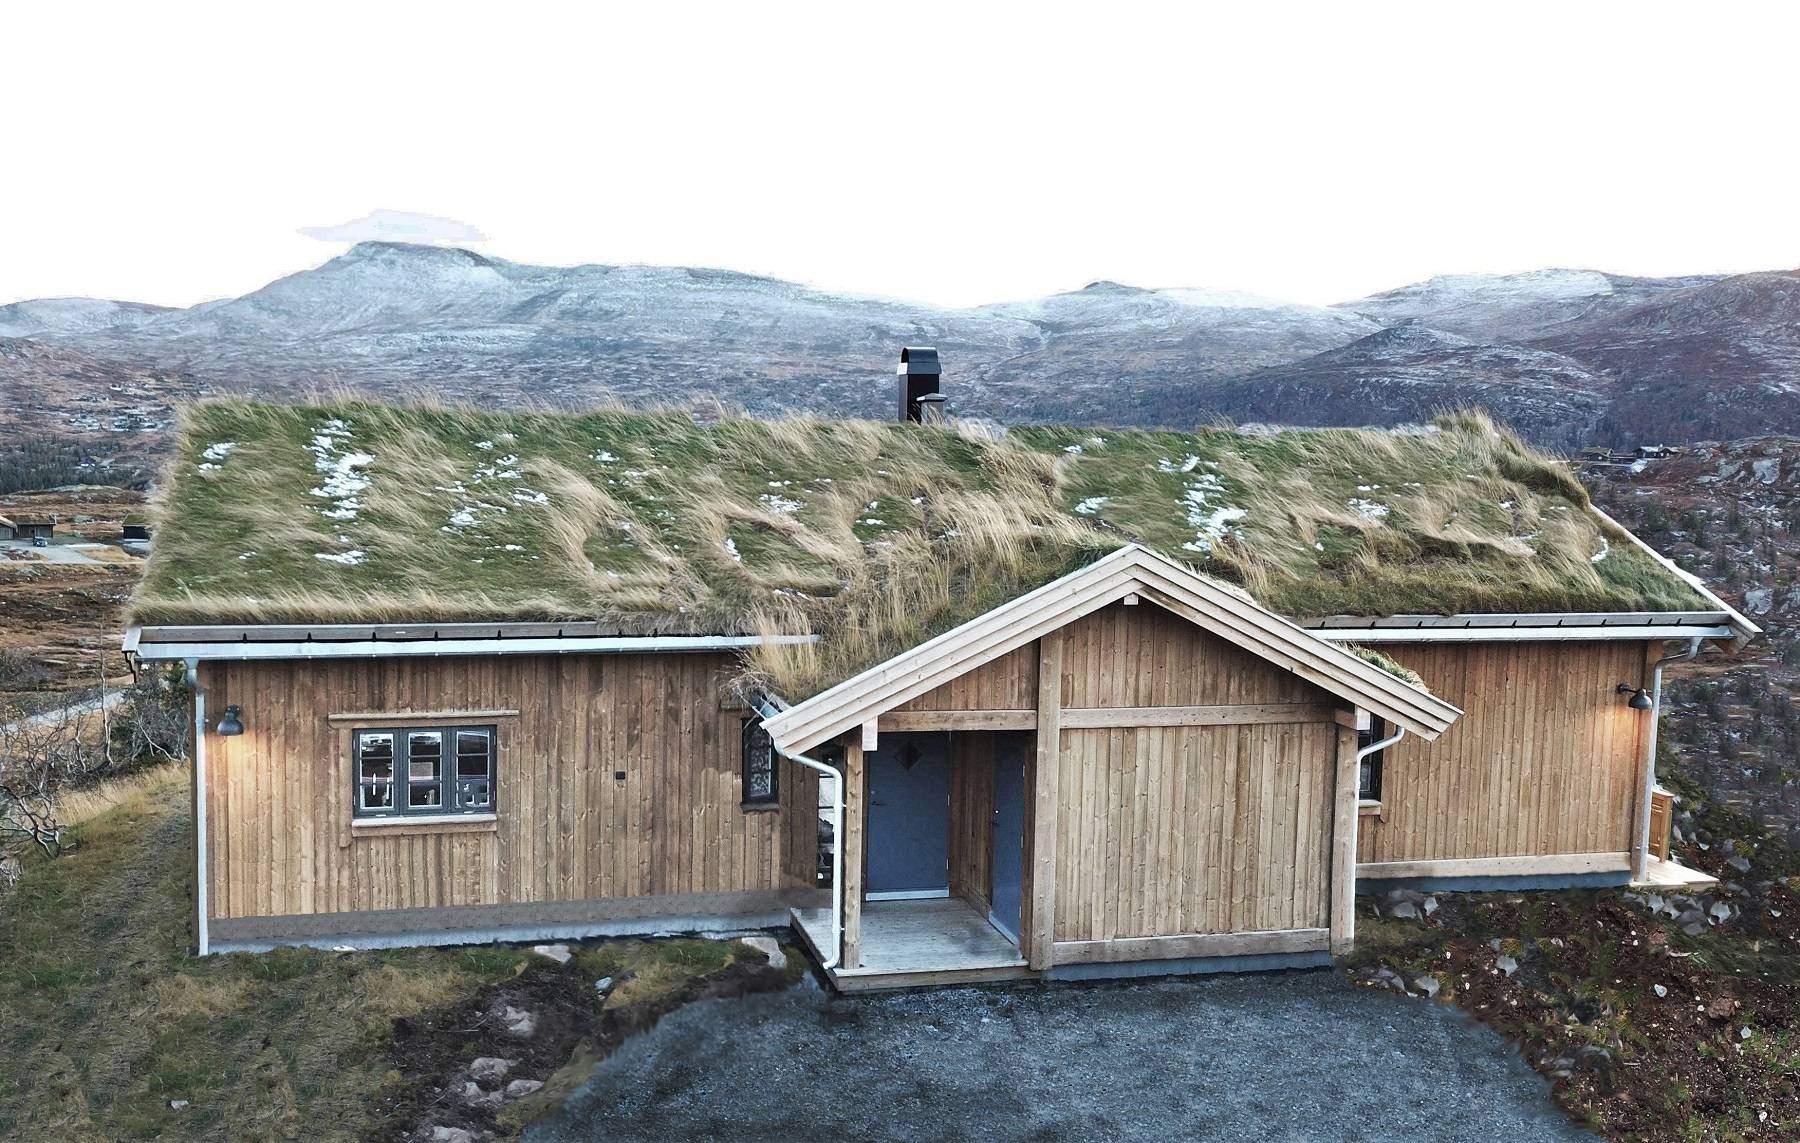 203 Høgevarde 127 – Hytteleverandør Tiurtoppen Hytter